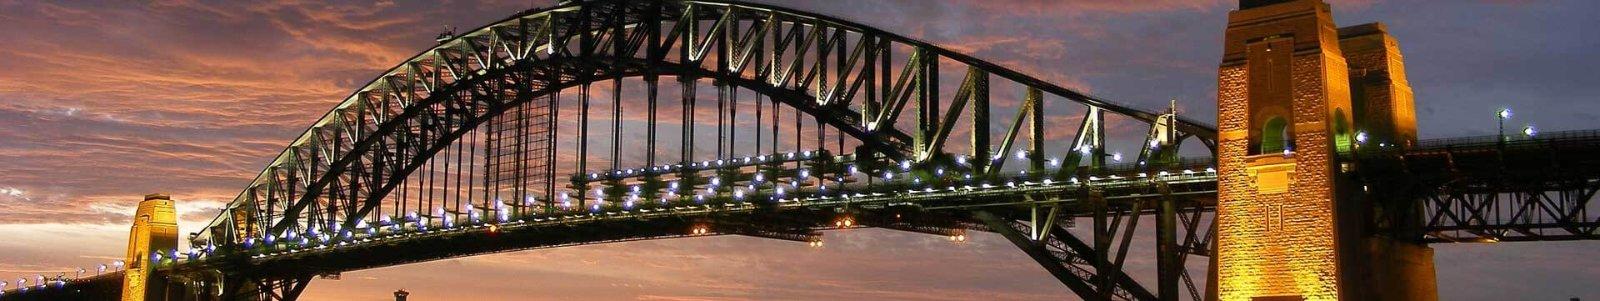 Sydney harbour bridge new south wales